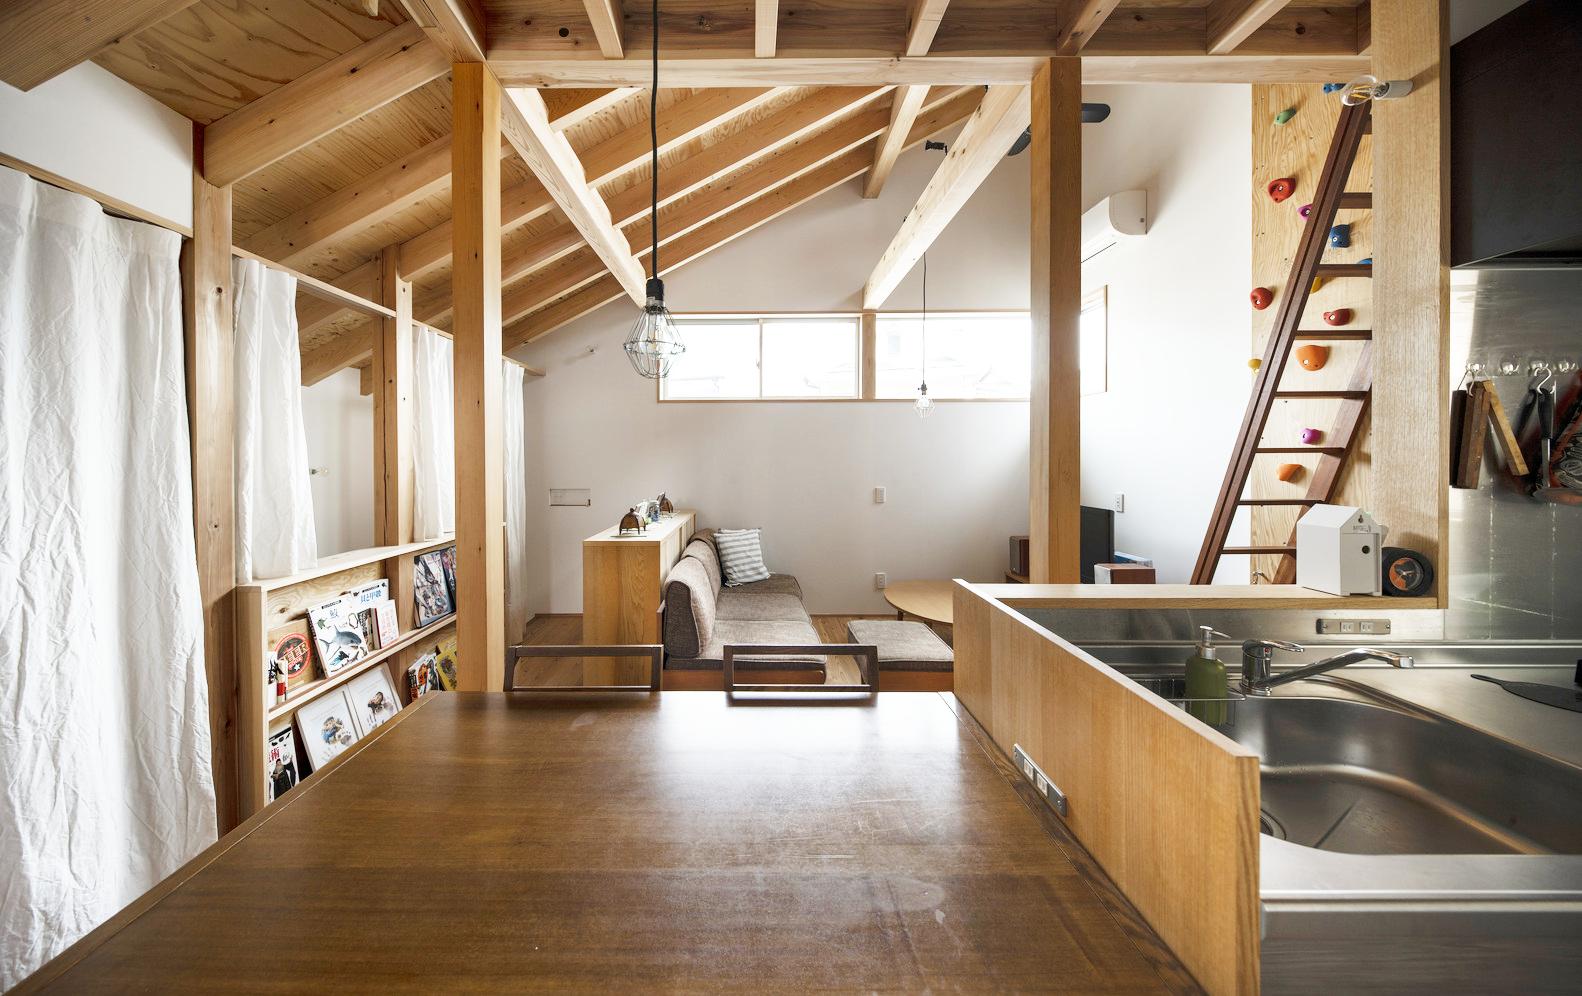 Những tấm rèm phân chia các khu vực lưu trữ ở cầu thang và nhà bếp, tạo ra hệ vách ngăn mềm mại, tiện dụng và linh hoạt.